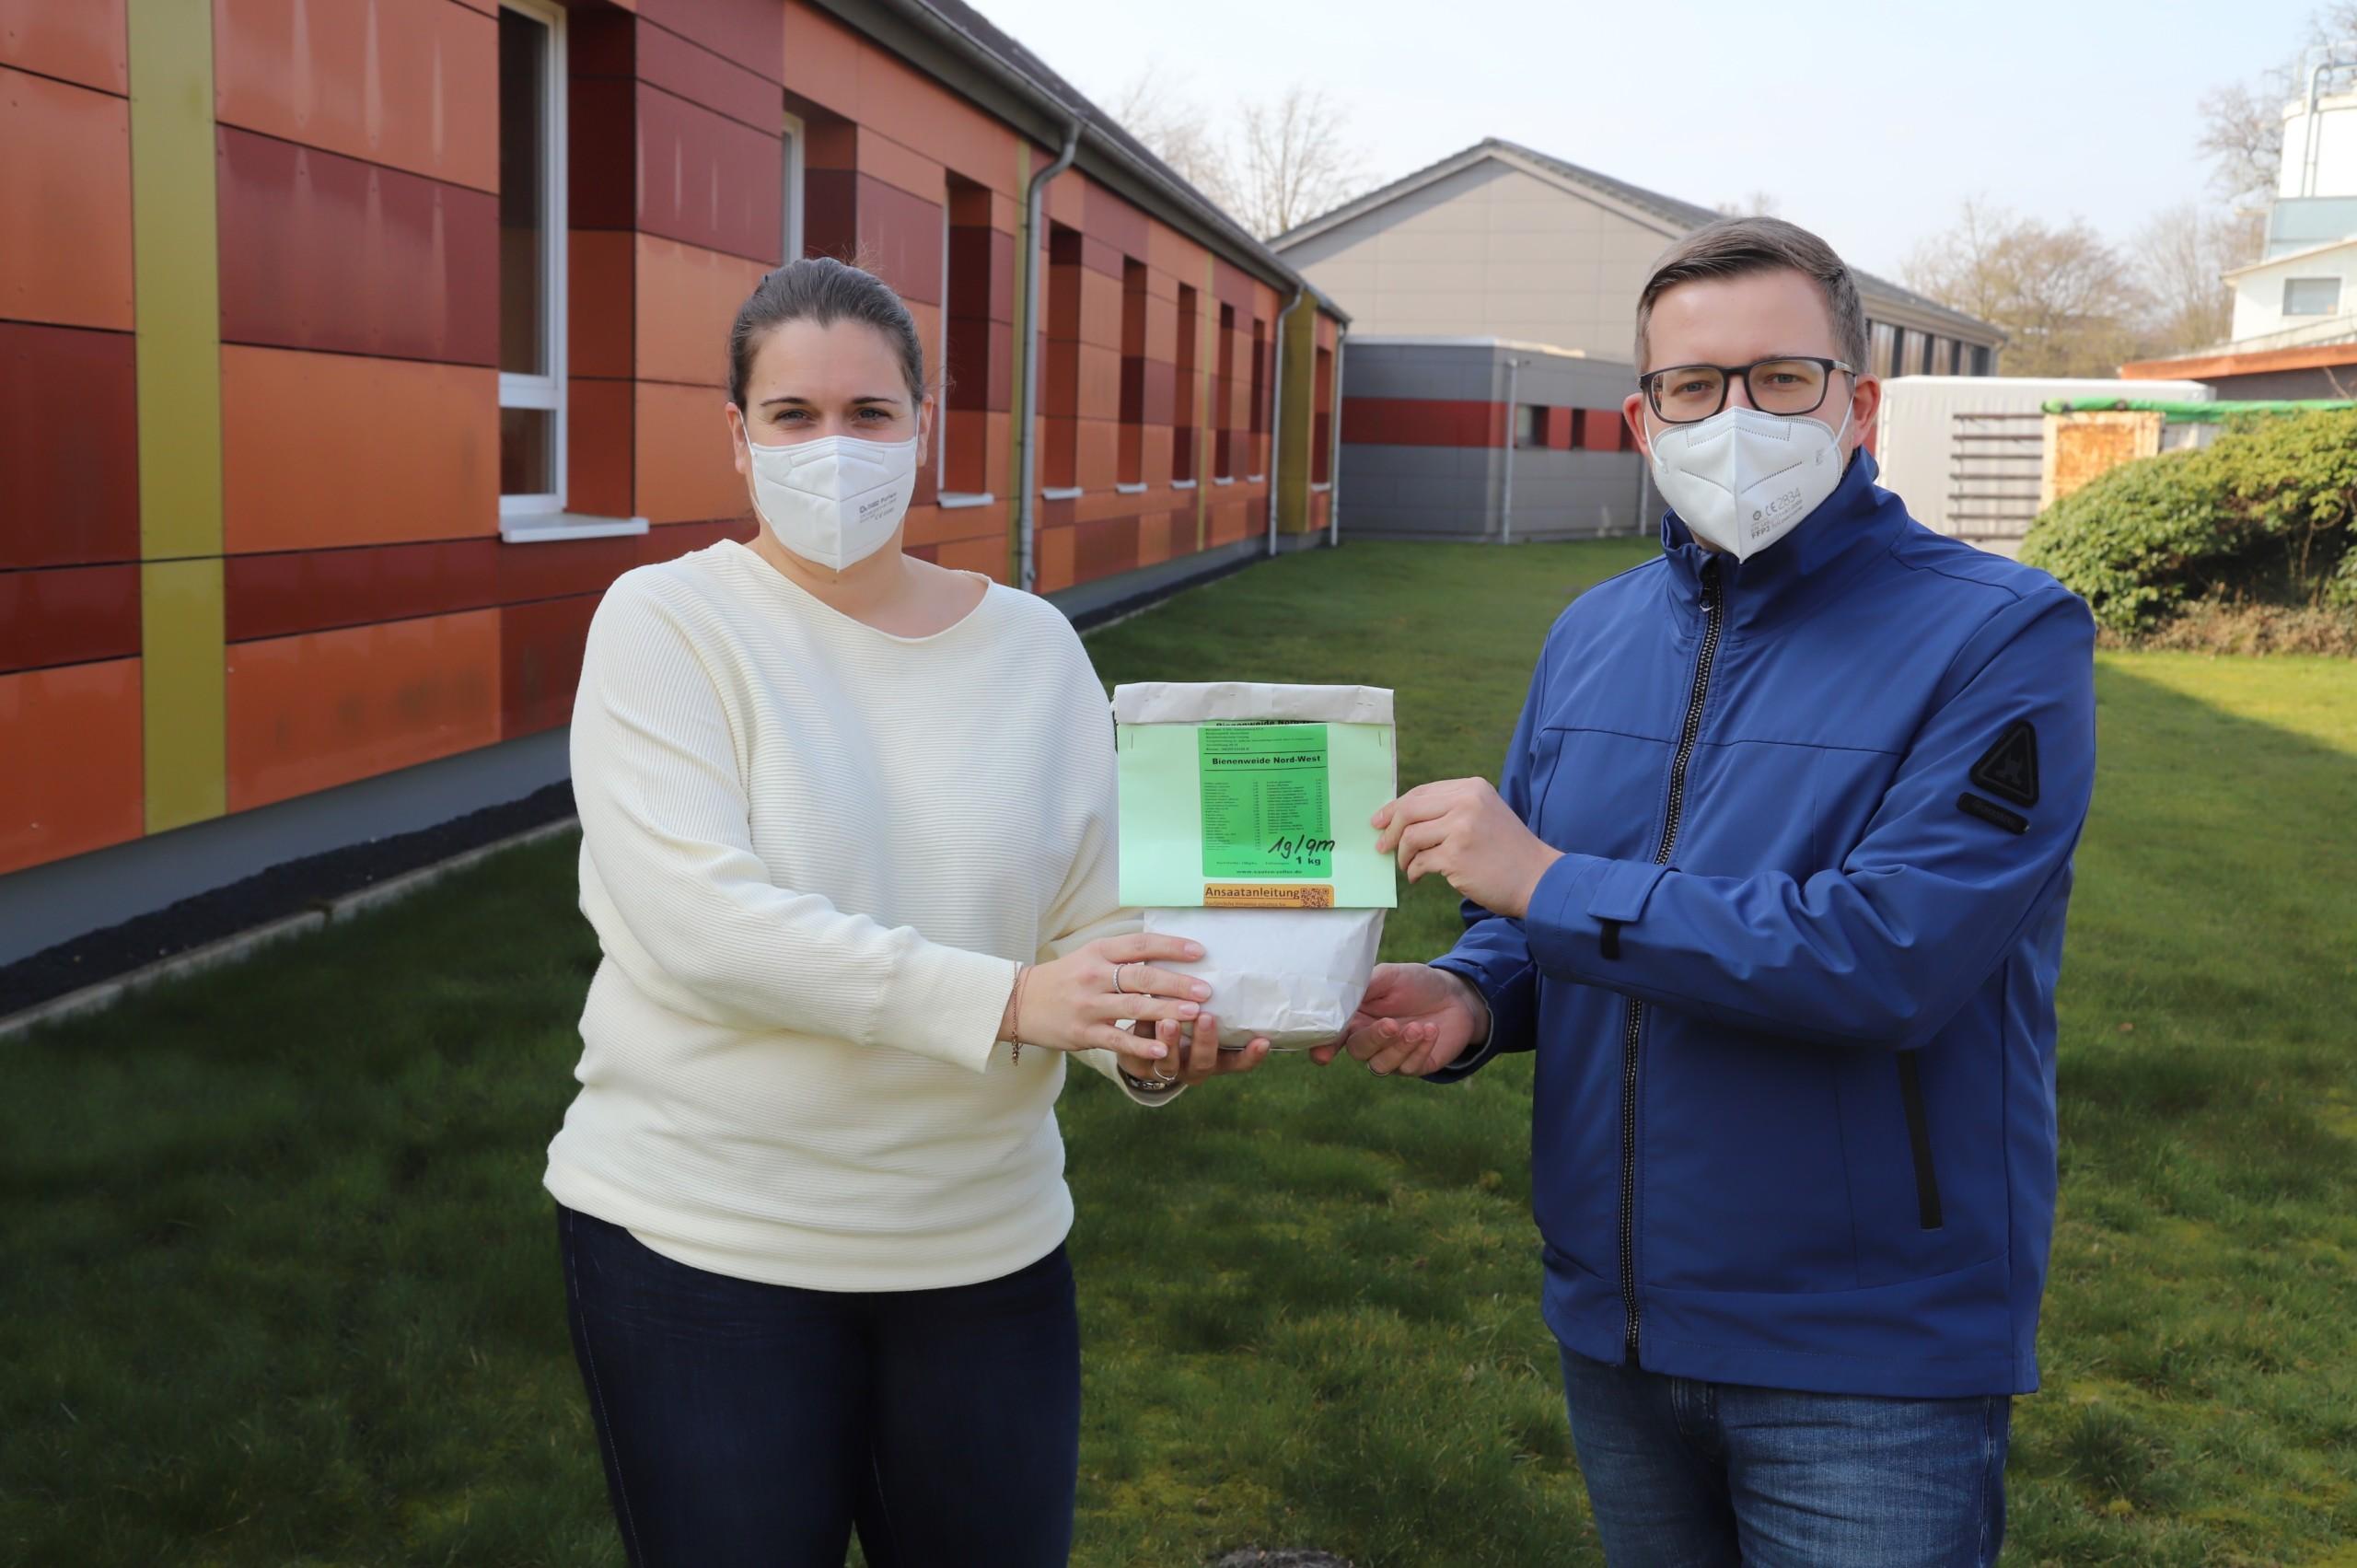 """Barßels Bürgermeister Nils Anhuth brachte eine Tüte der Mischung """"Bienenweide Nord-West"""" in die Harkebrügger Grundschule, um sie Schulleiterin Nicole Lütjelüschen zu überreichen. Bildquelle: Johannes Passmann"""